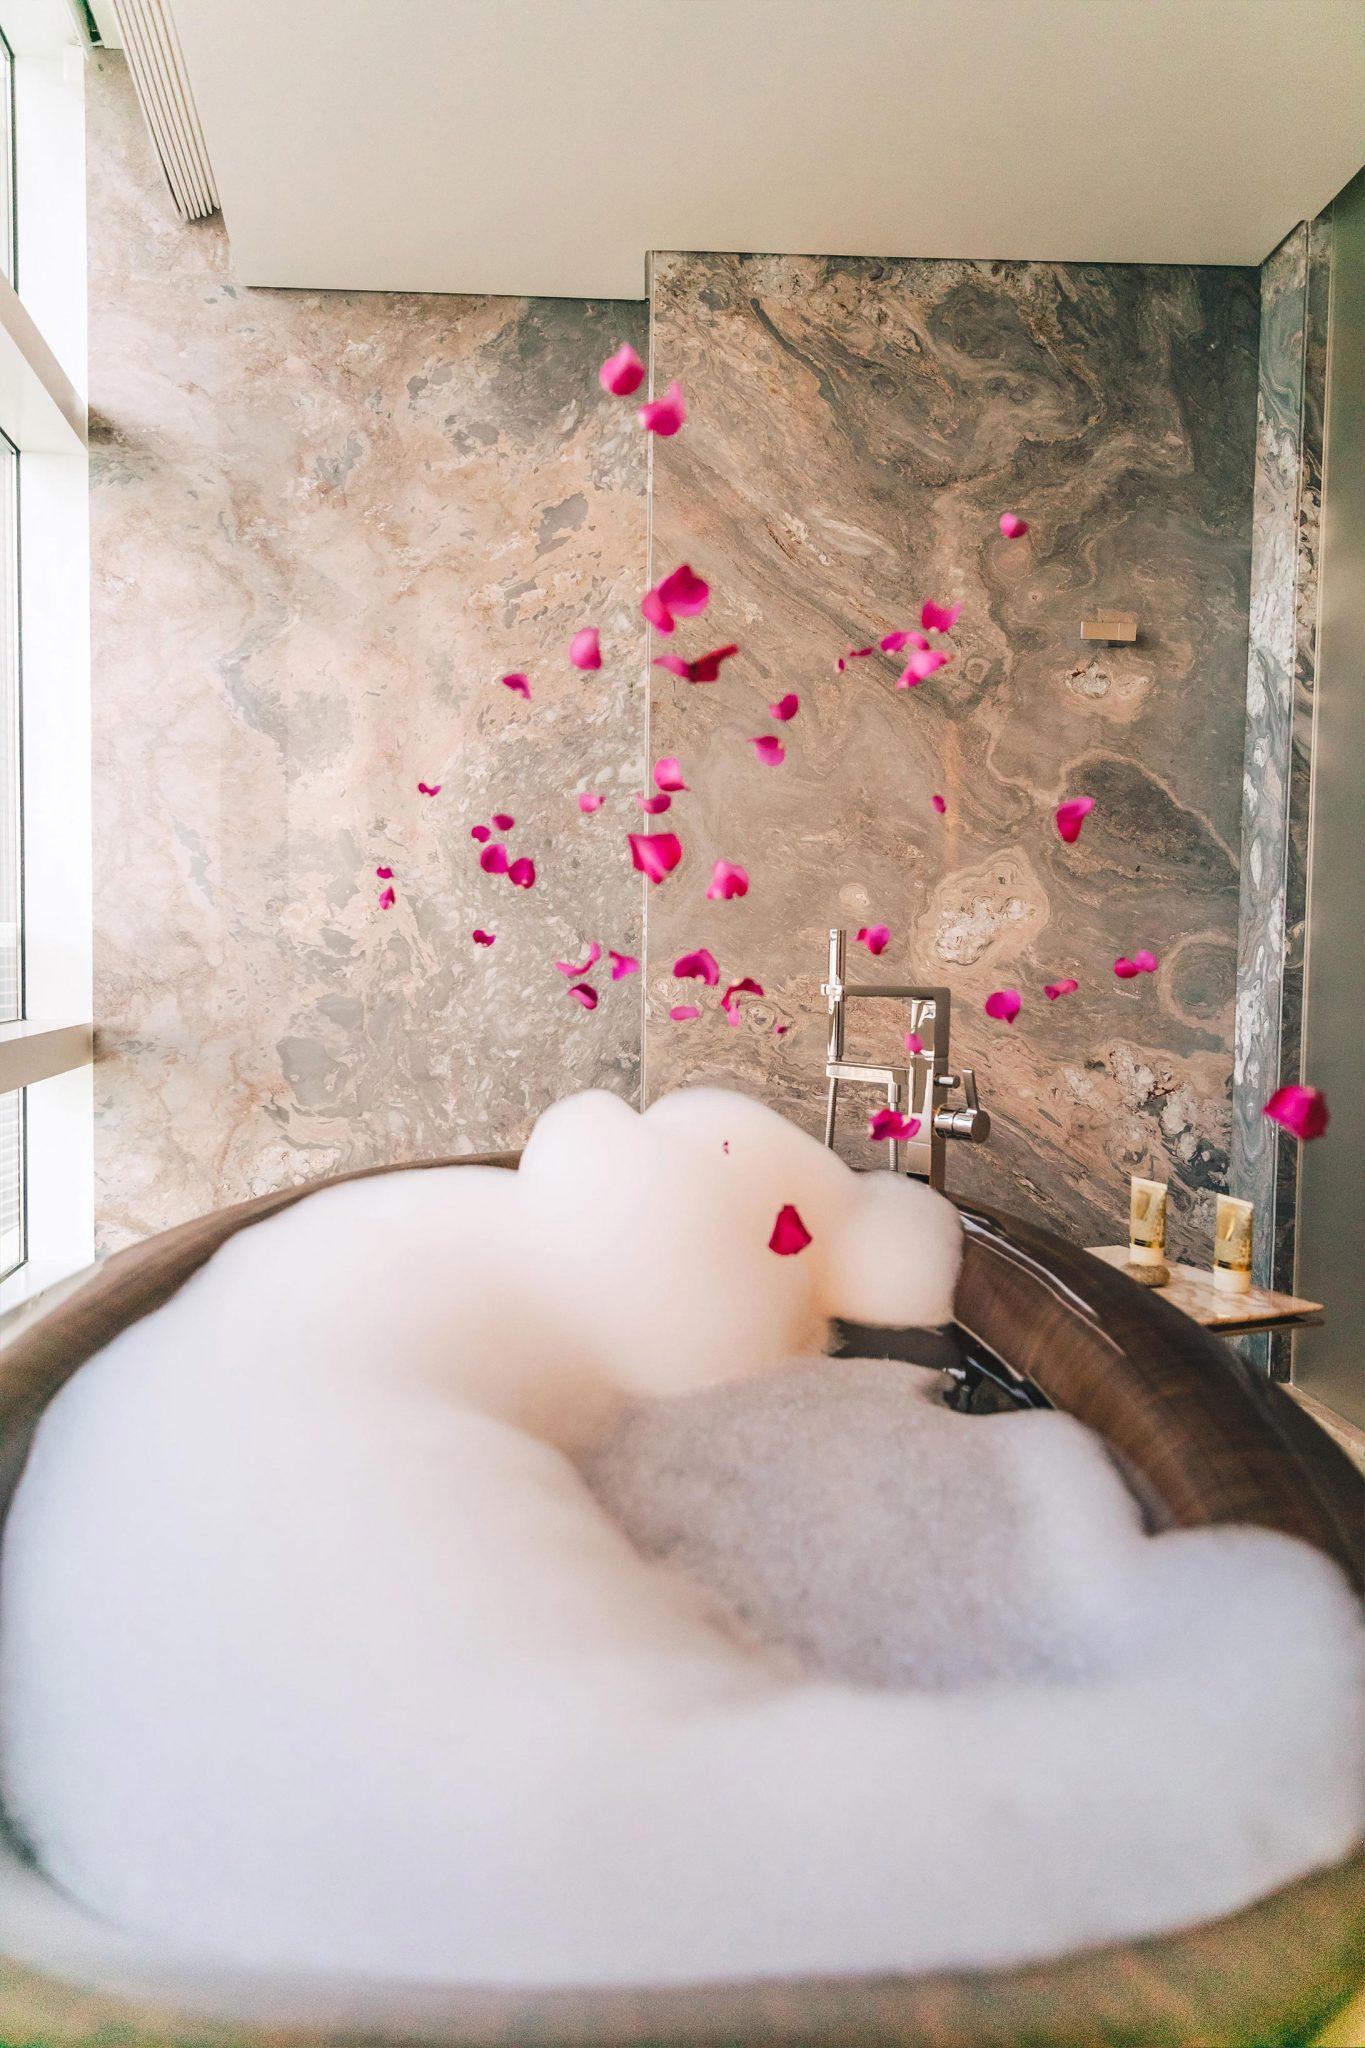 عروض فندق روزوود أبوظبي إحتفالاً بعيد الحب 2021